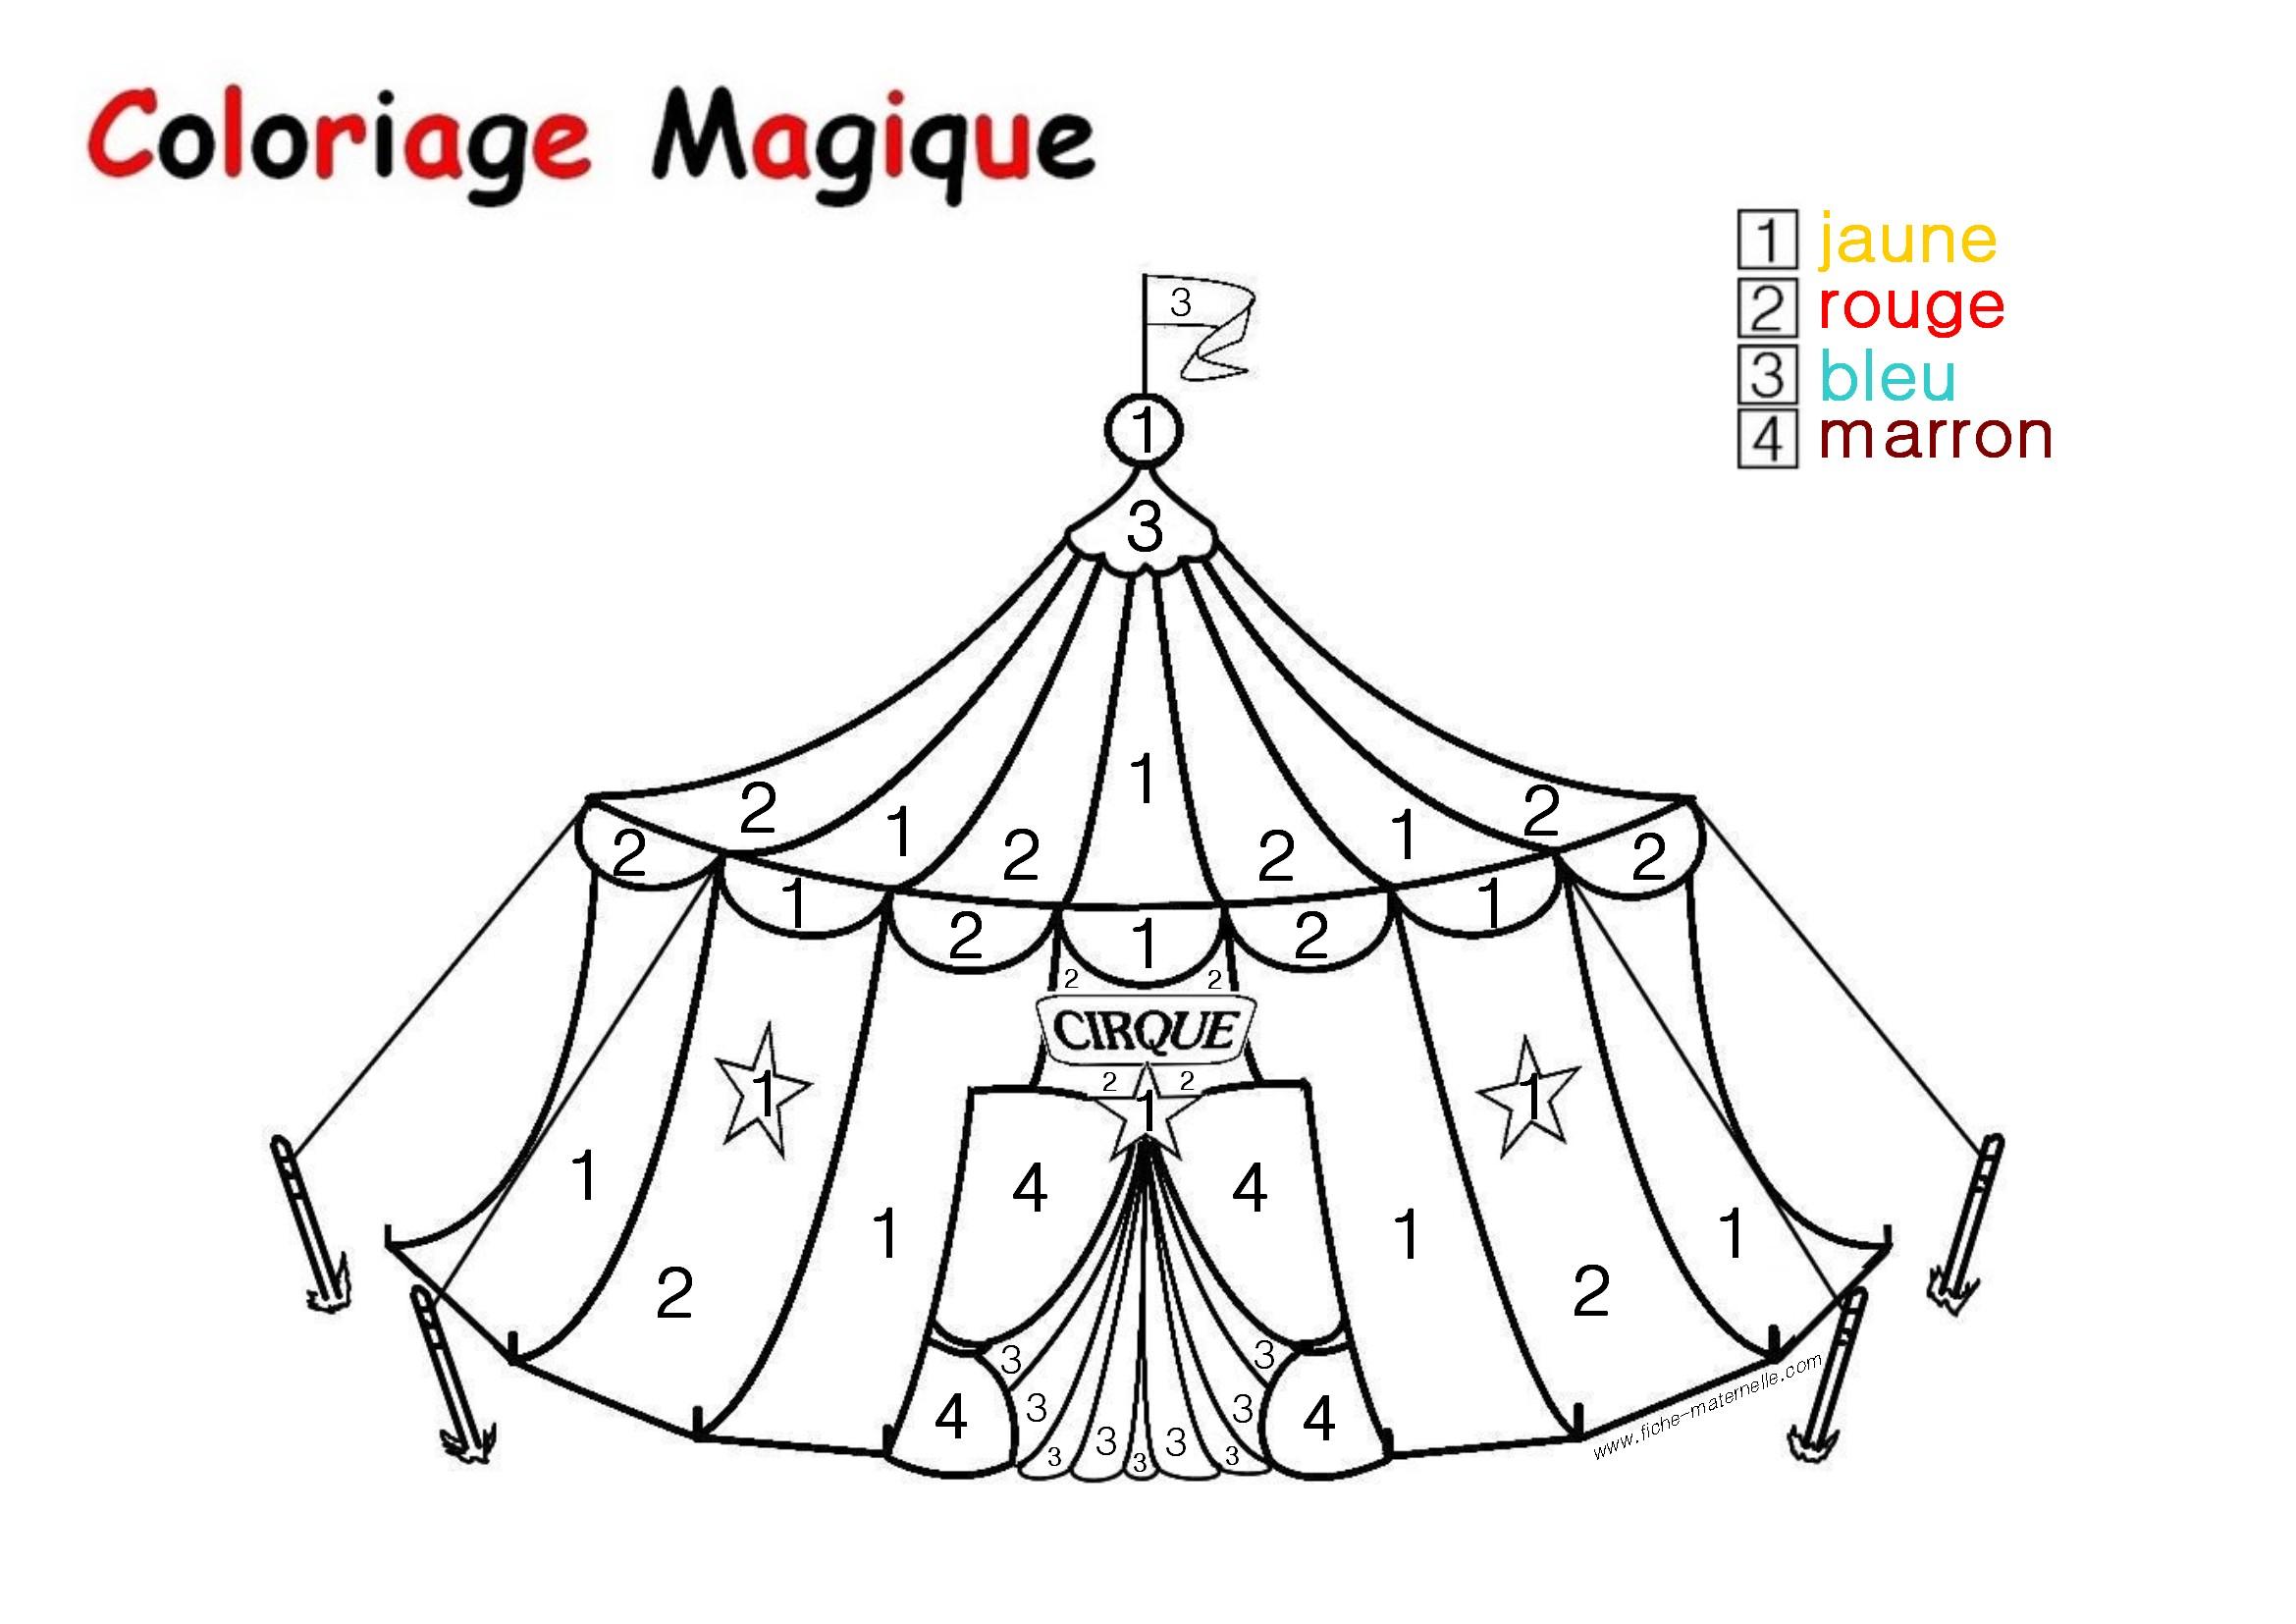 Coloriage Magique Dessin A Imprimer Gratuit concernant Coloriages Codés Gs